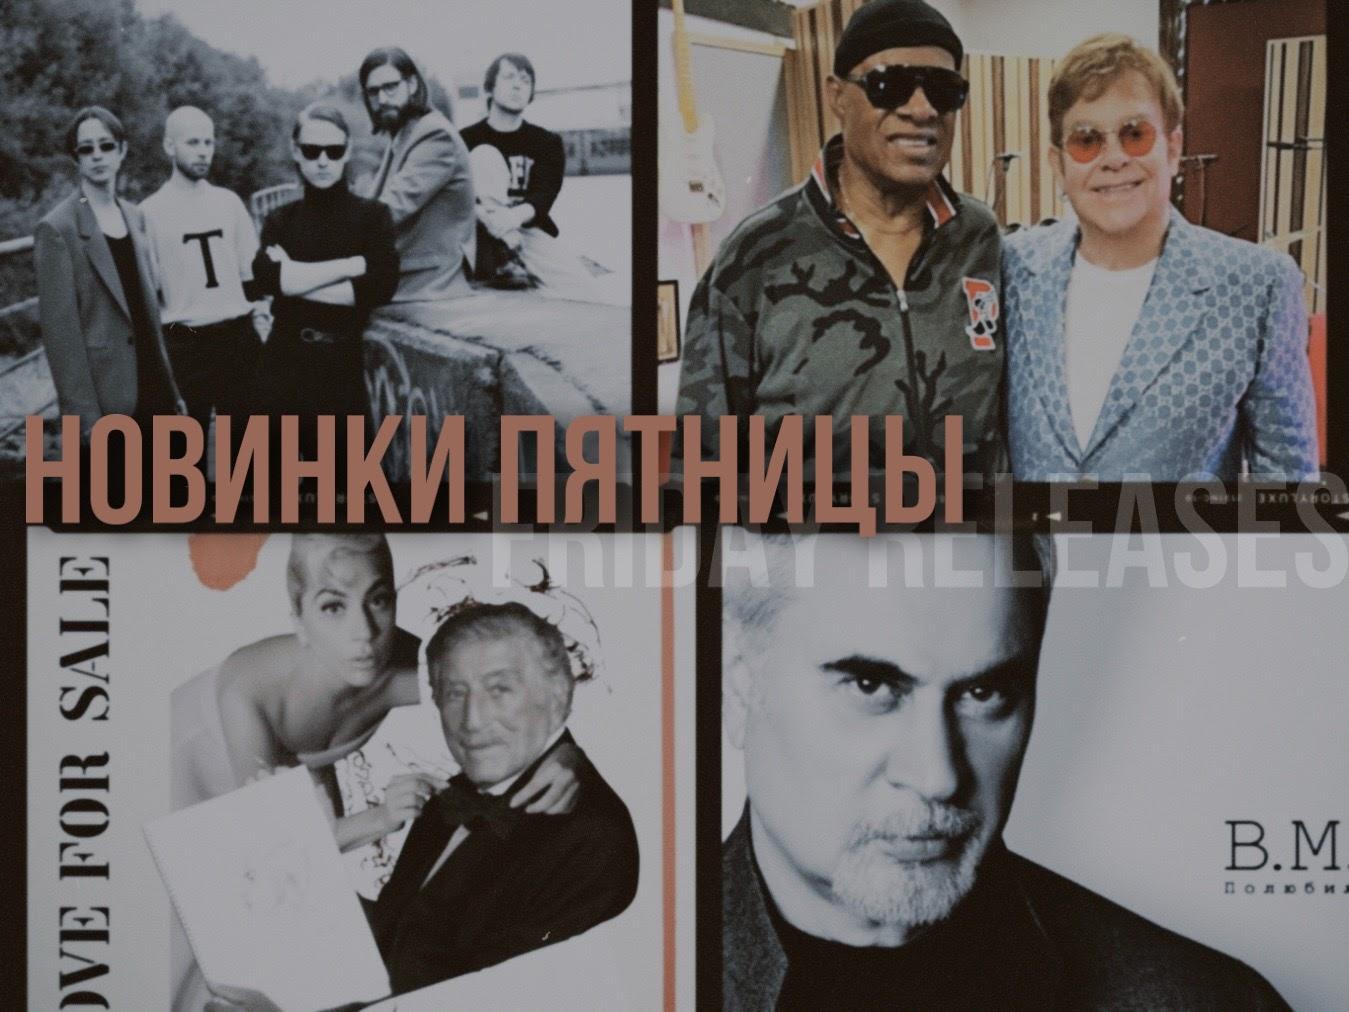 Меладзе, Sirotkin и Элтон Джон: музыкальные релизы этой пятницы